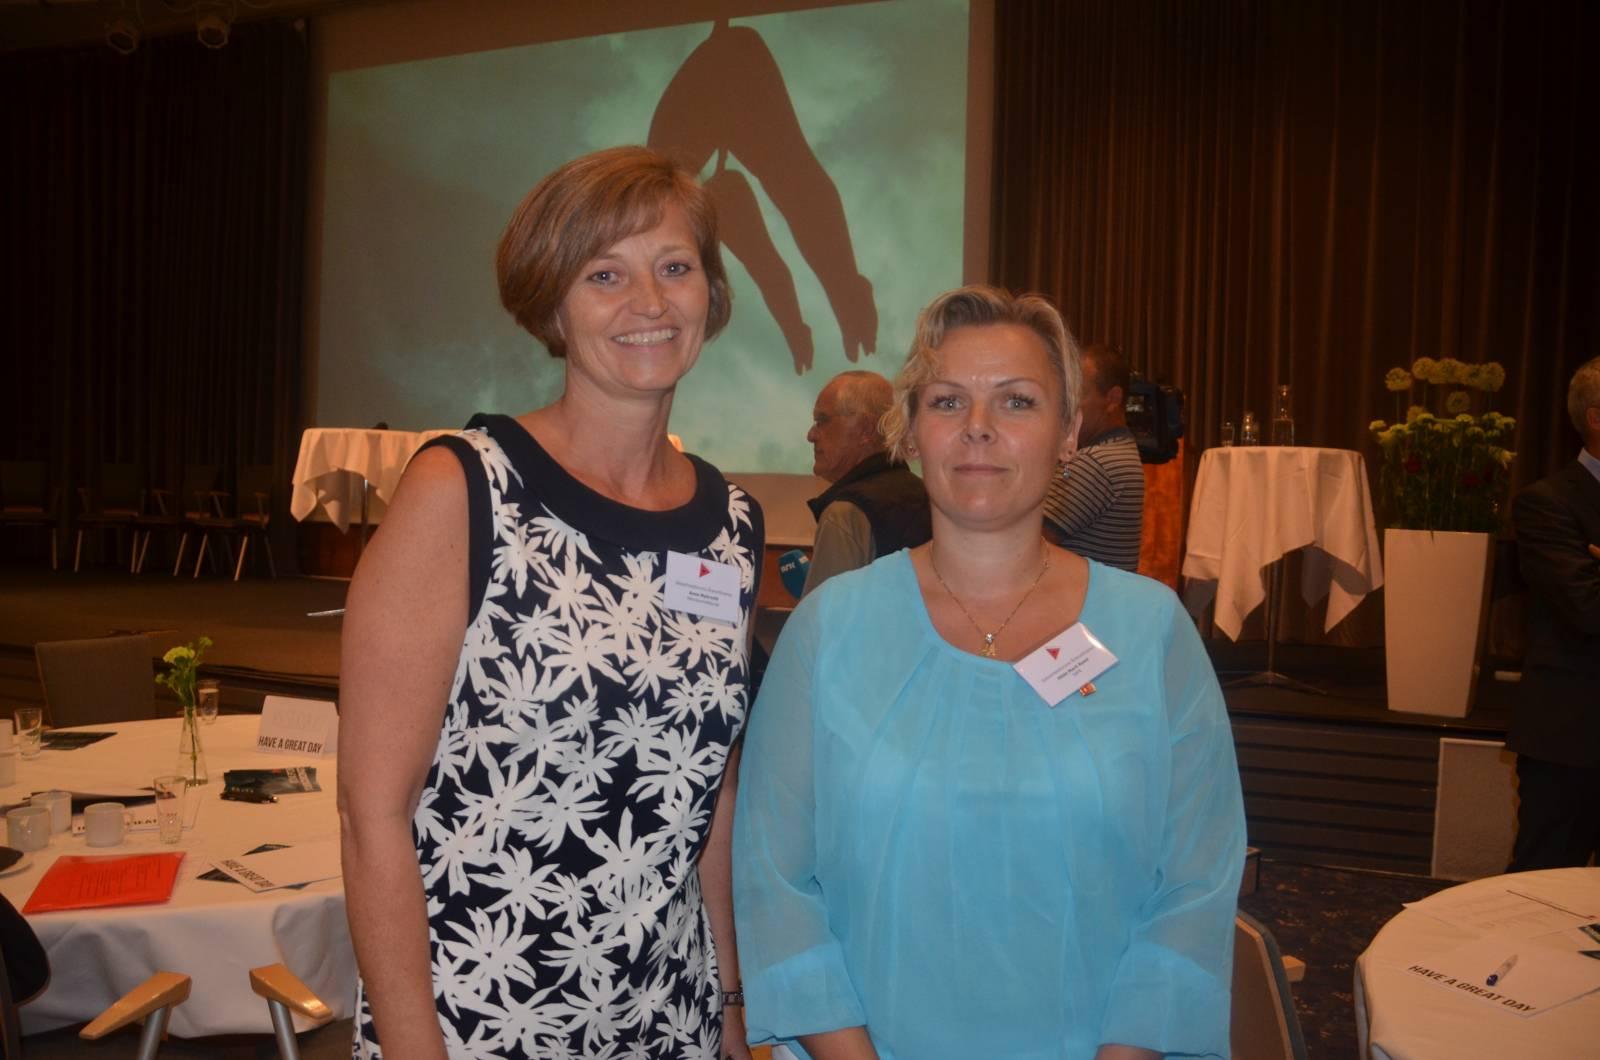 Ptil-direktør Anne Myhrvold og forbundsleder i SAFE, Hilde-Marit Rysst under Sikkerhetsforums årskonferanse i 2016.